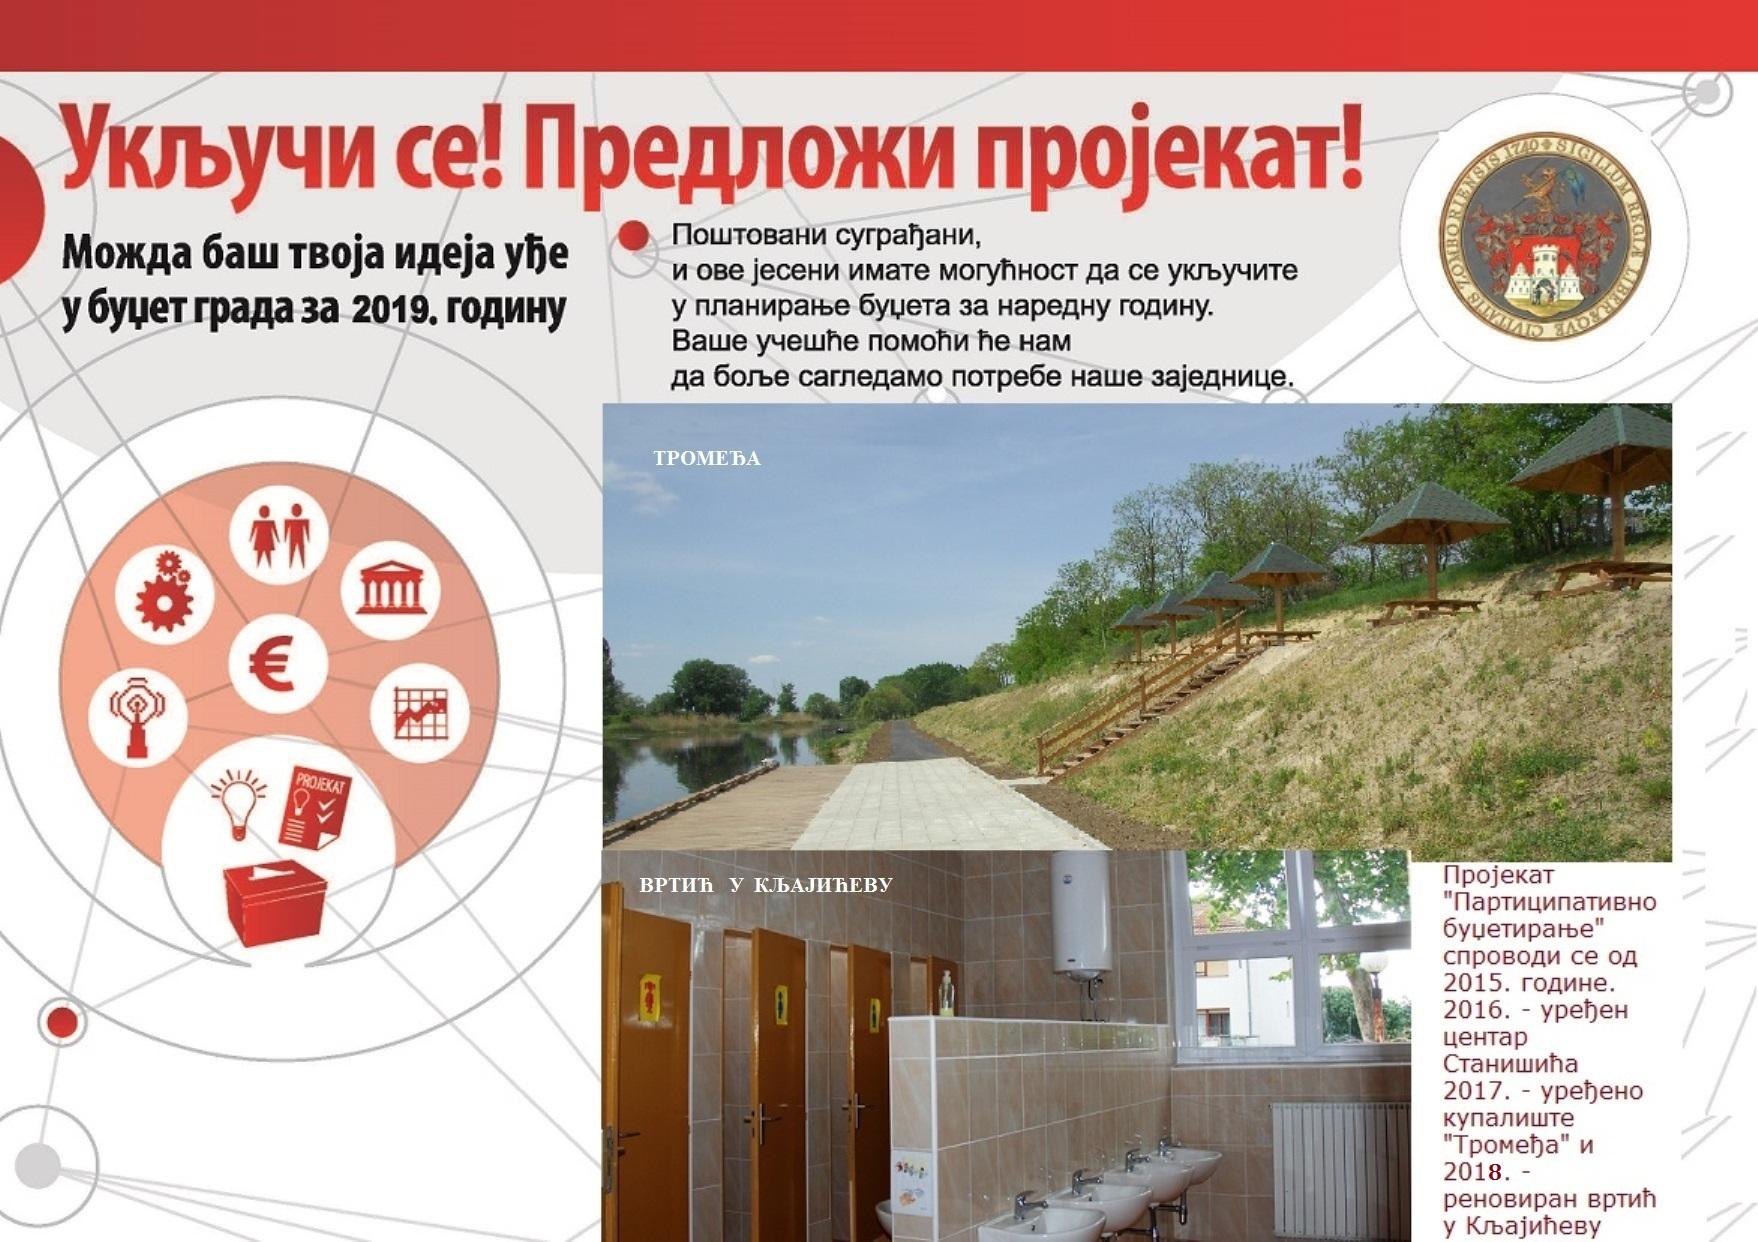 Предлози пројеката за ПБ 2